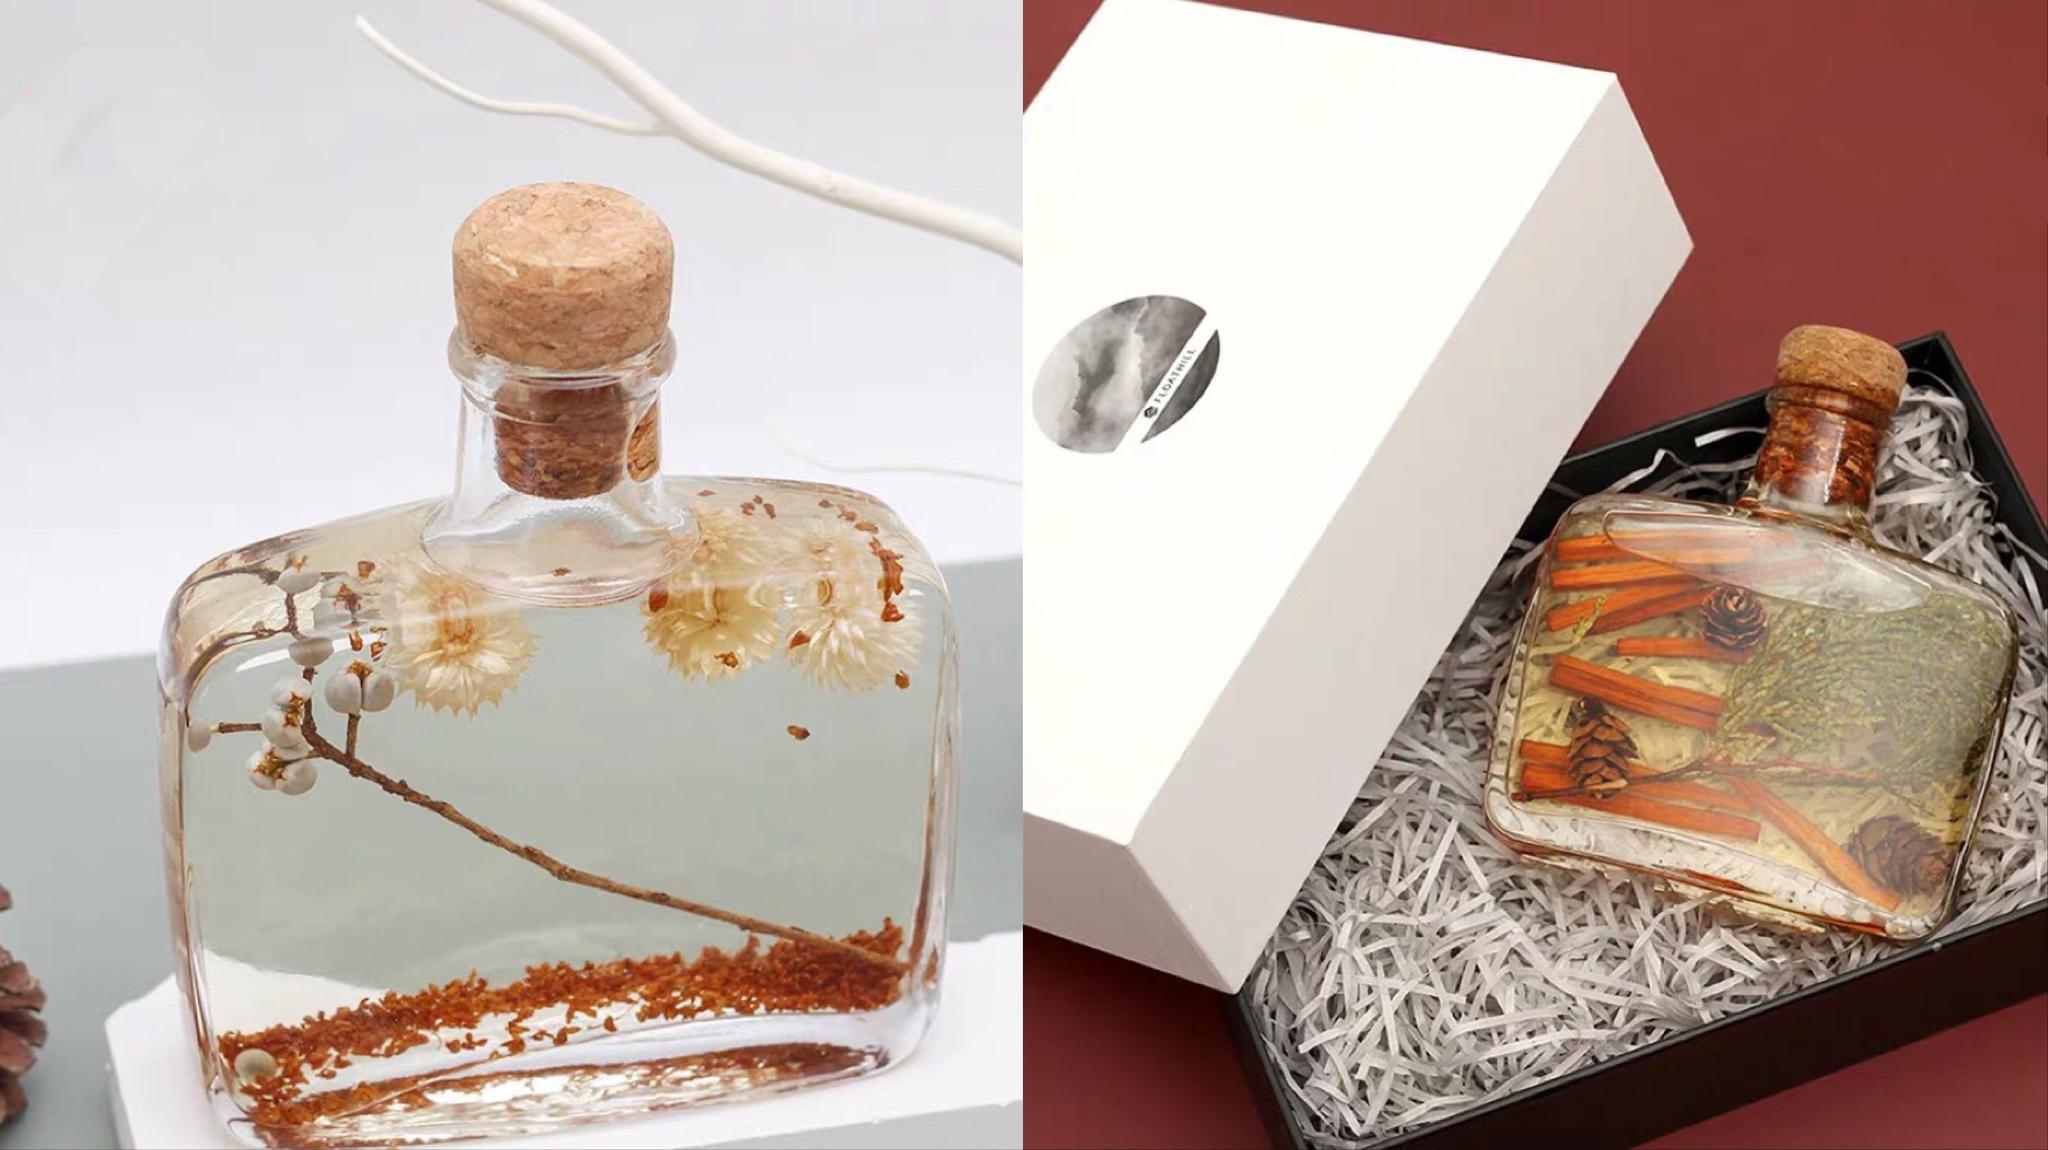 好物│秋天最甜的味道,是空气中醉人的桂花香图片